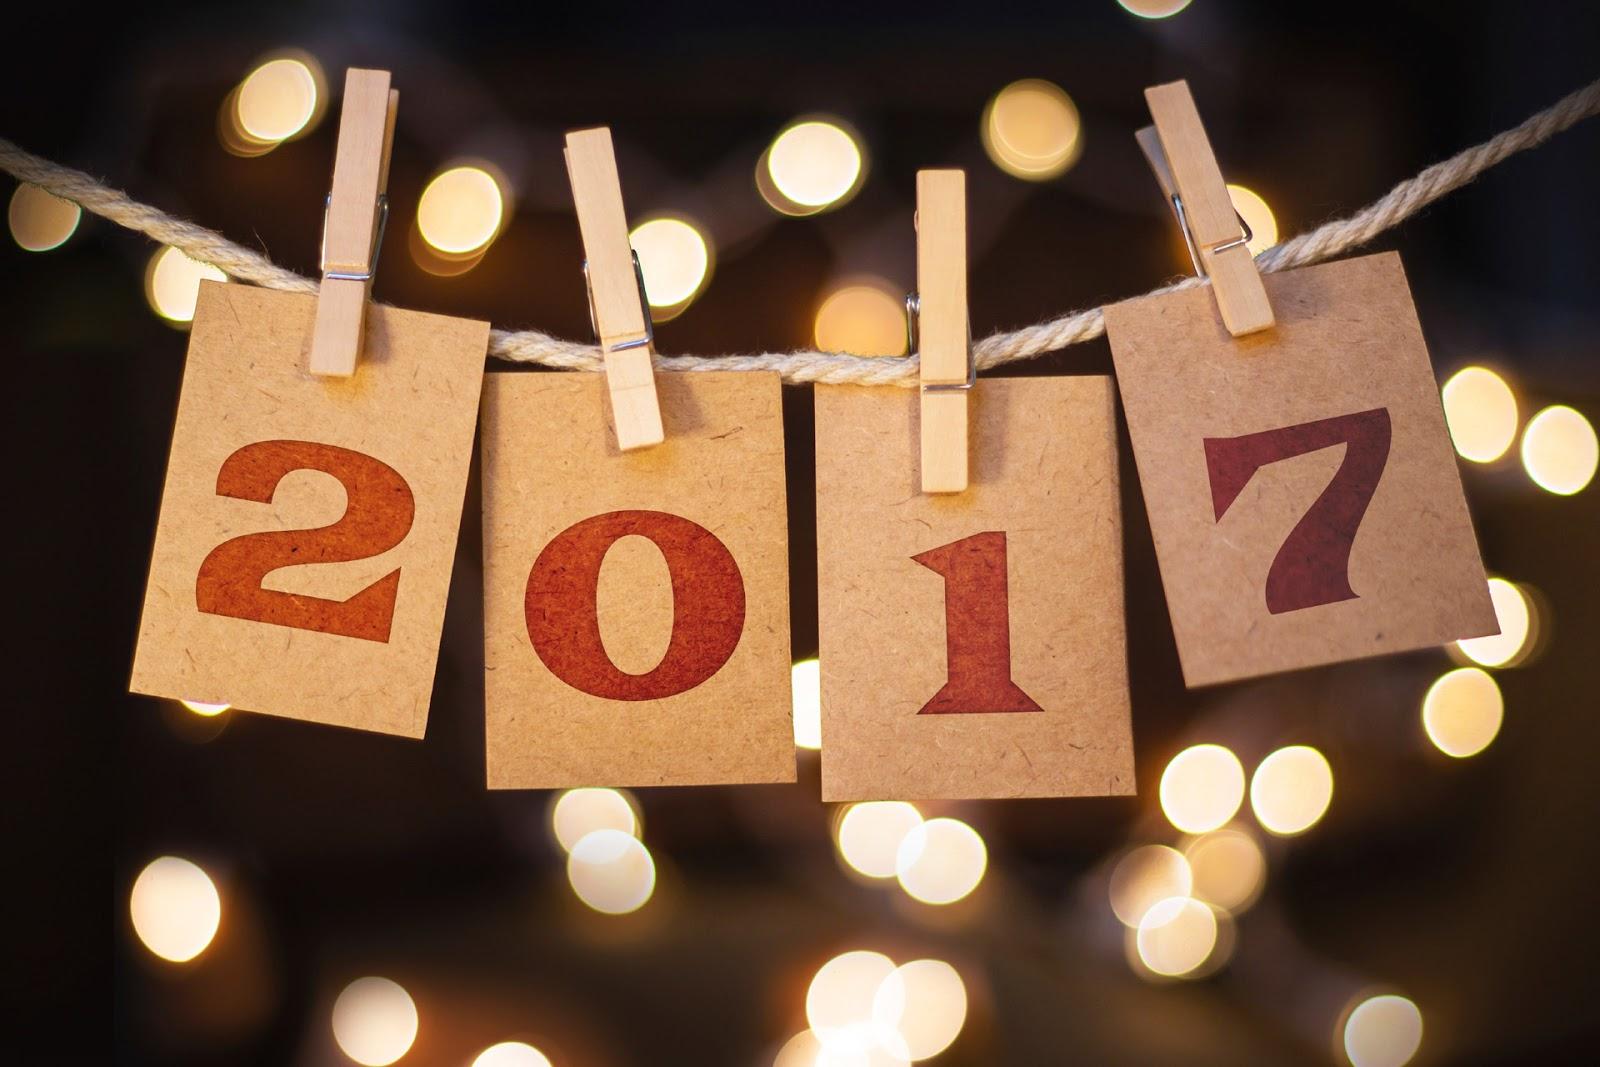 Hình nền tết 2017 đẹp chào đón năm mới - hình 04